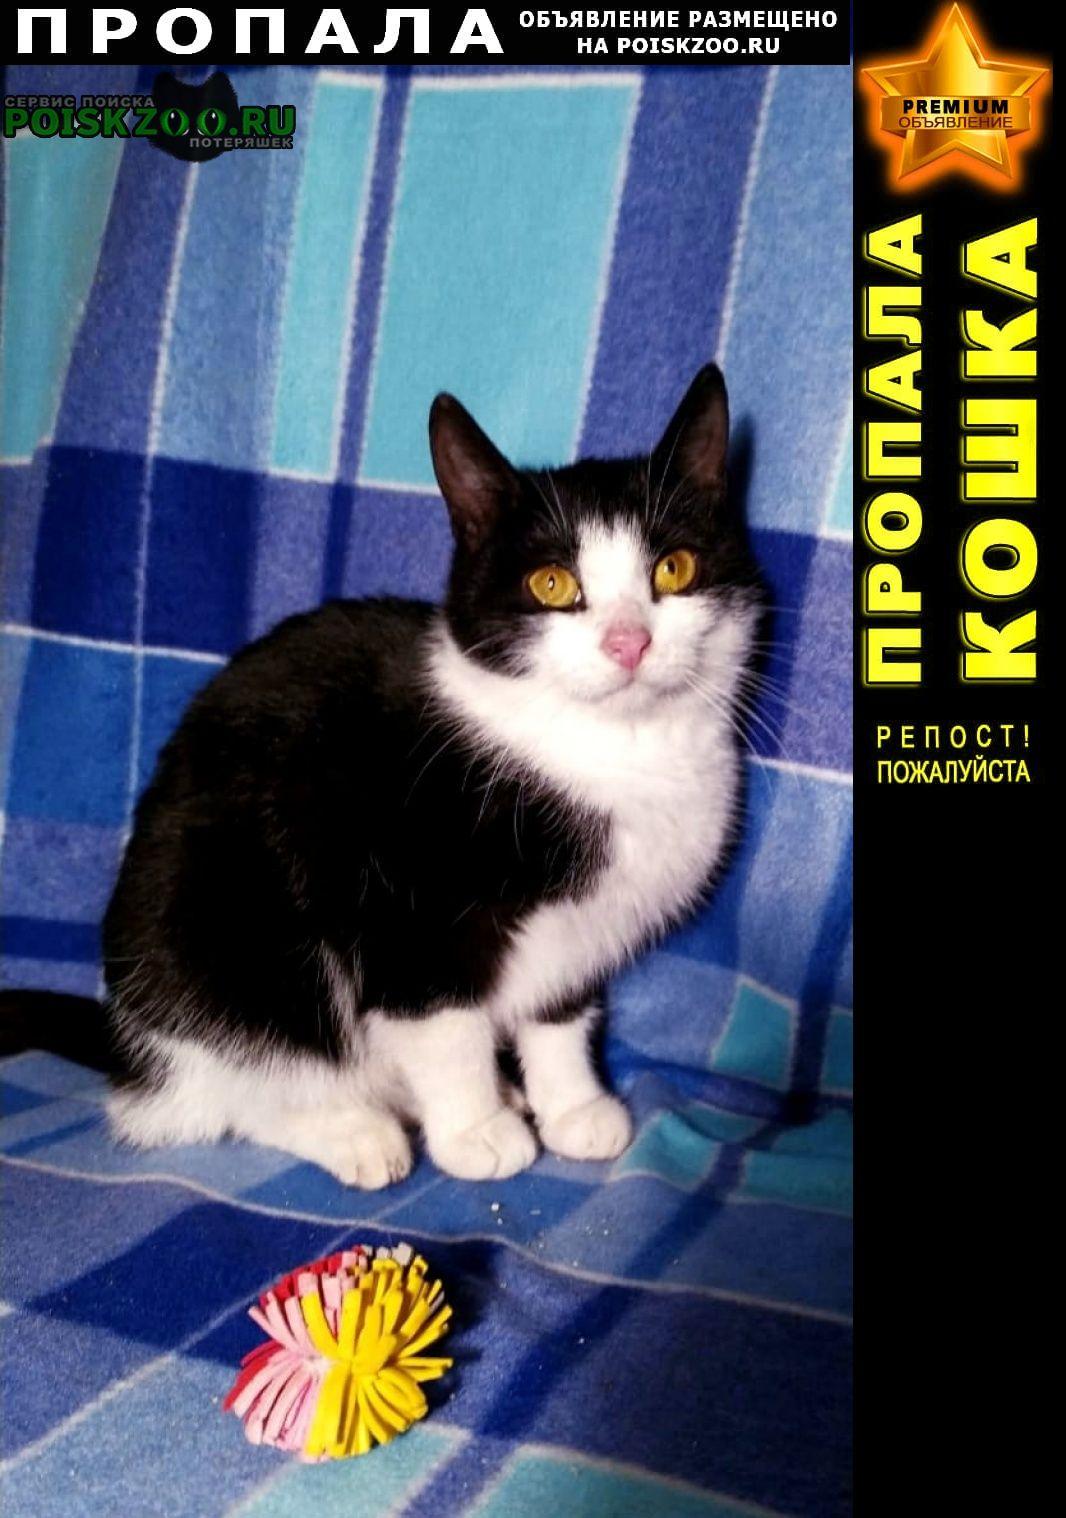 Пропала кошка черно-белая молодая ласковая Мценск